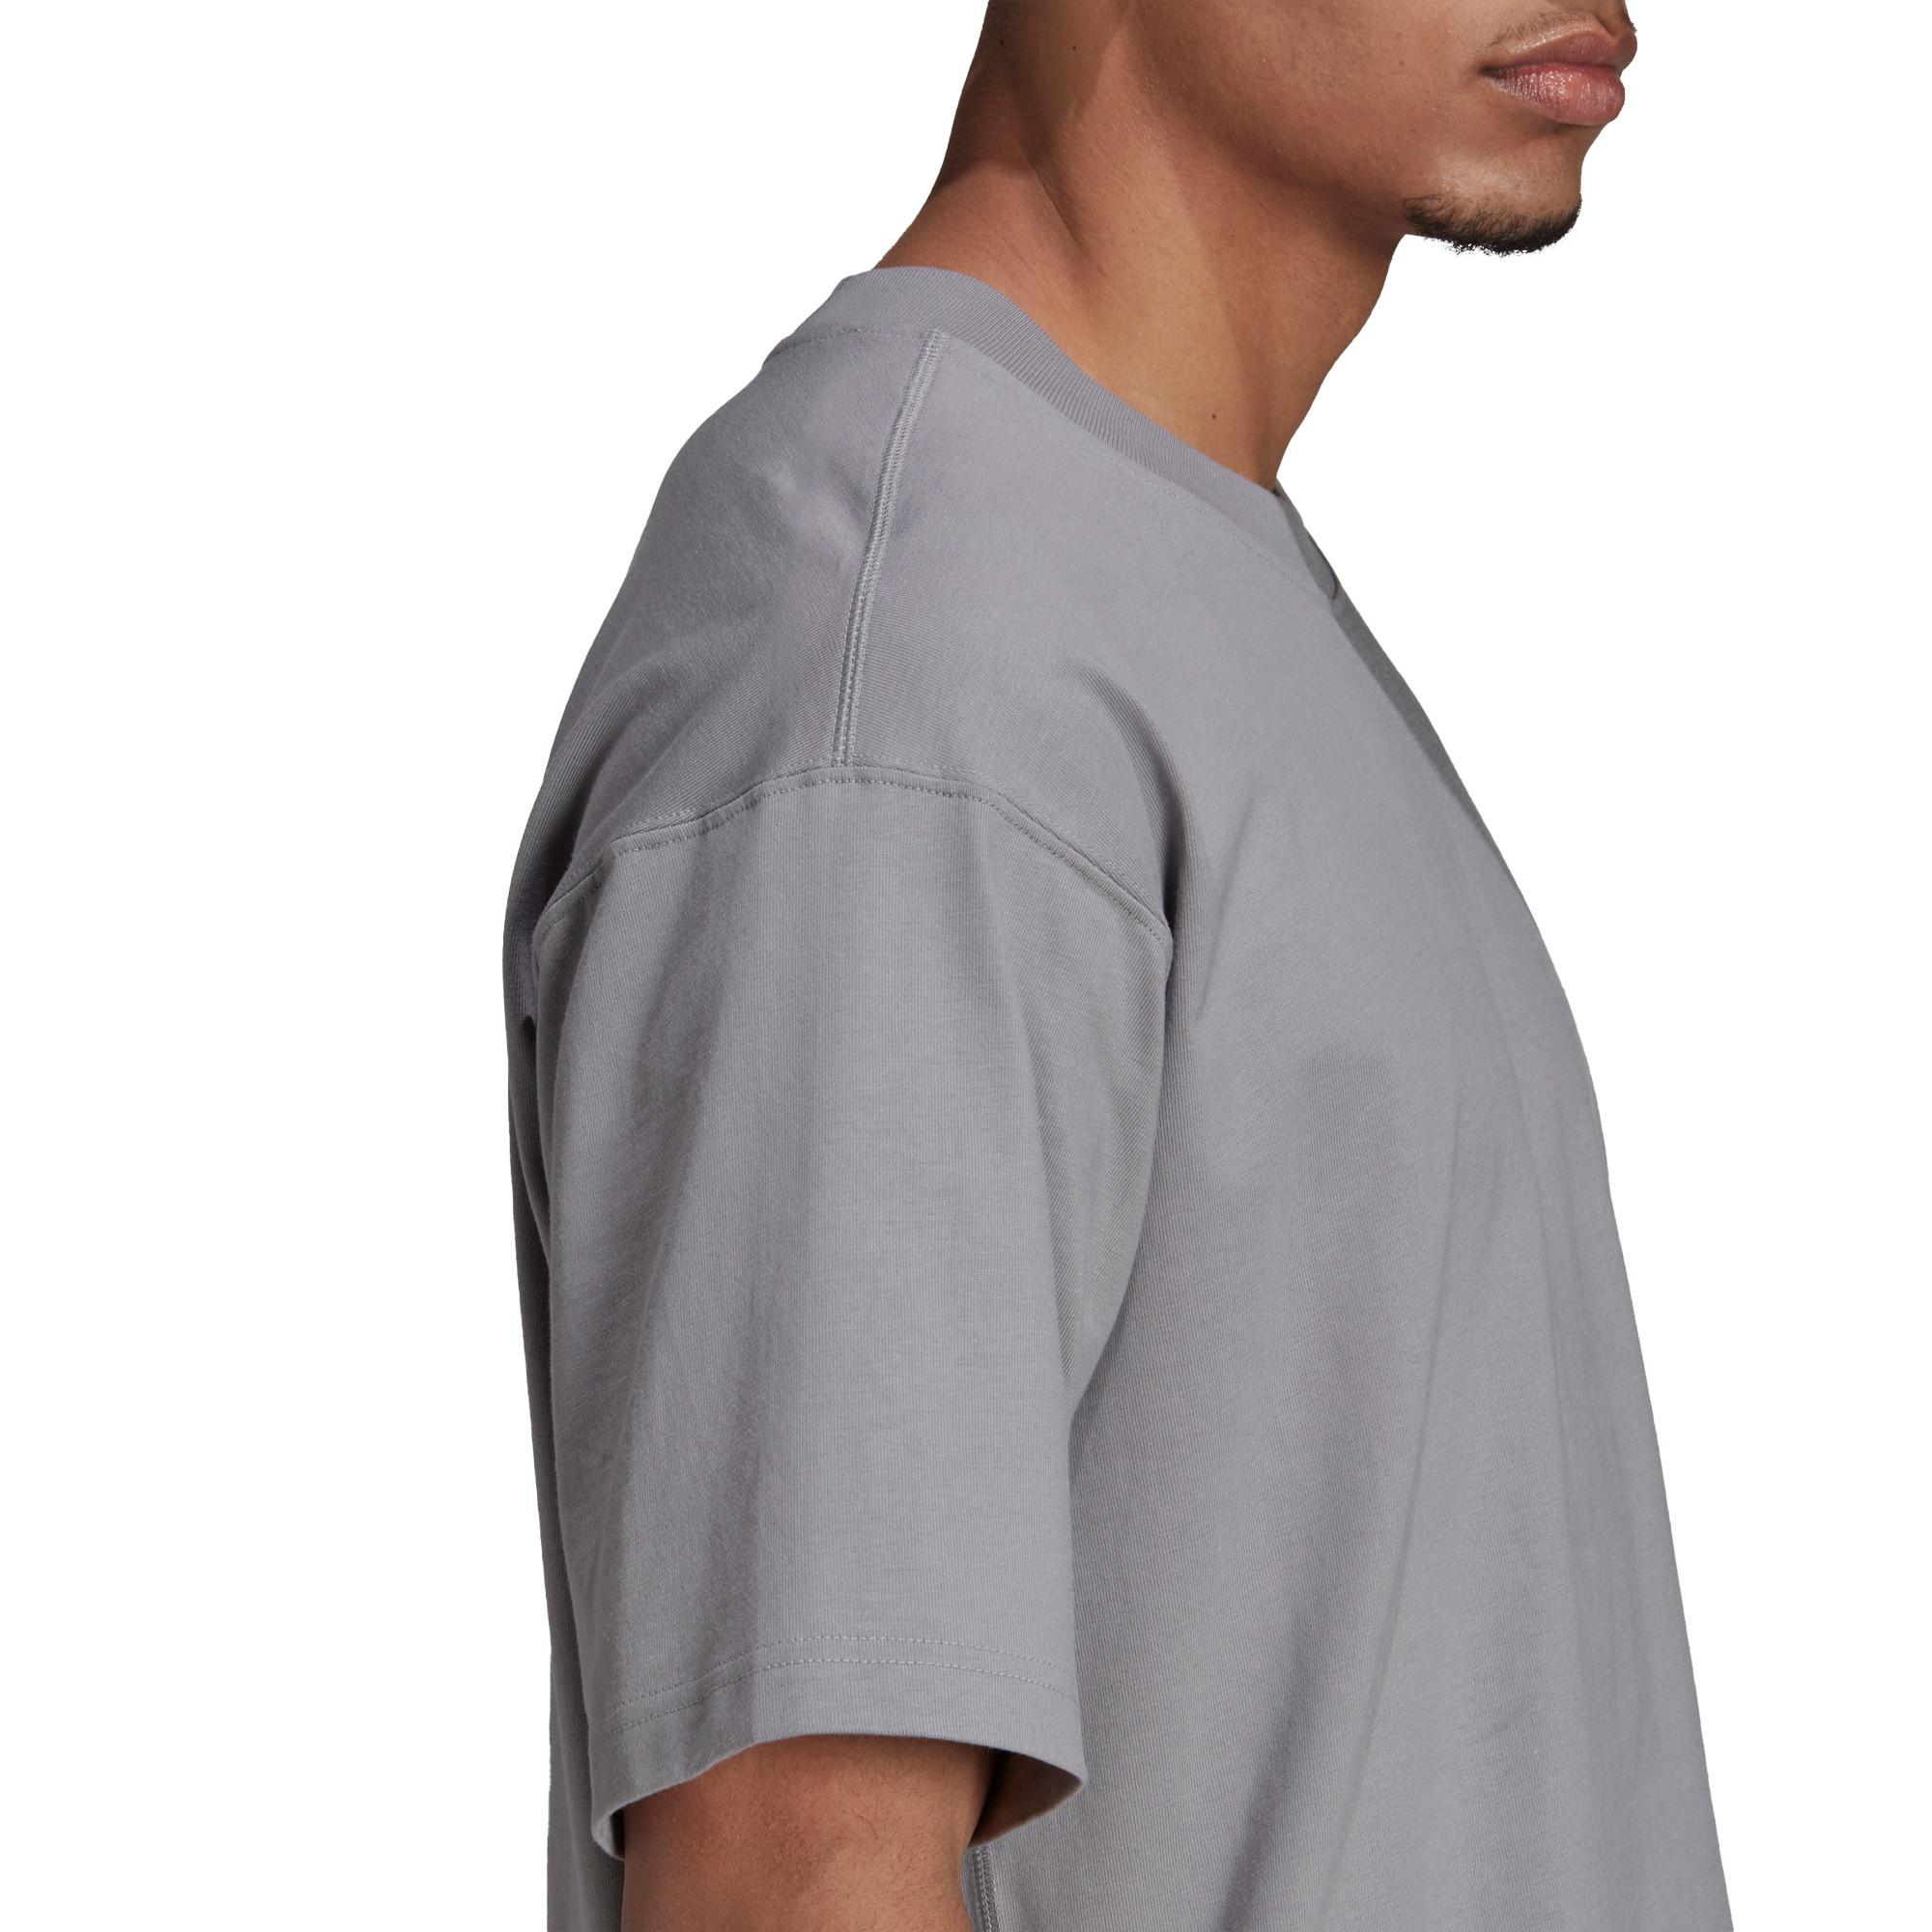 T-shirt uomo adicolor Trefoil, Grigio, large image number 5